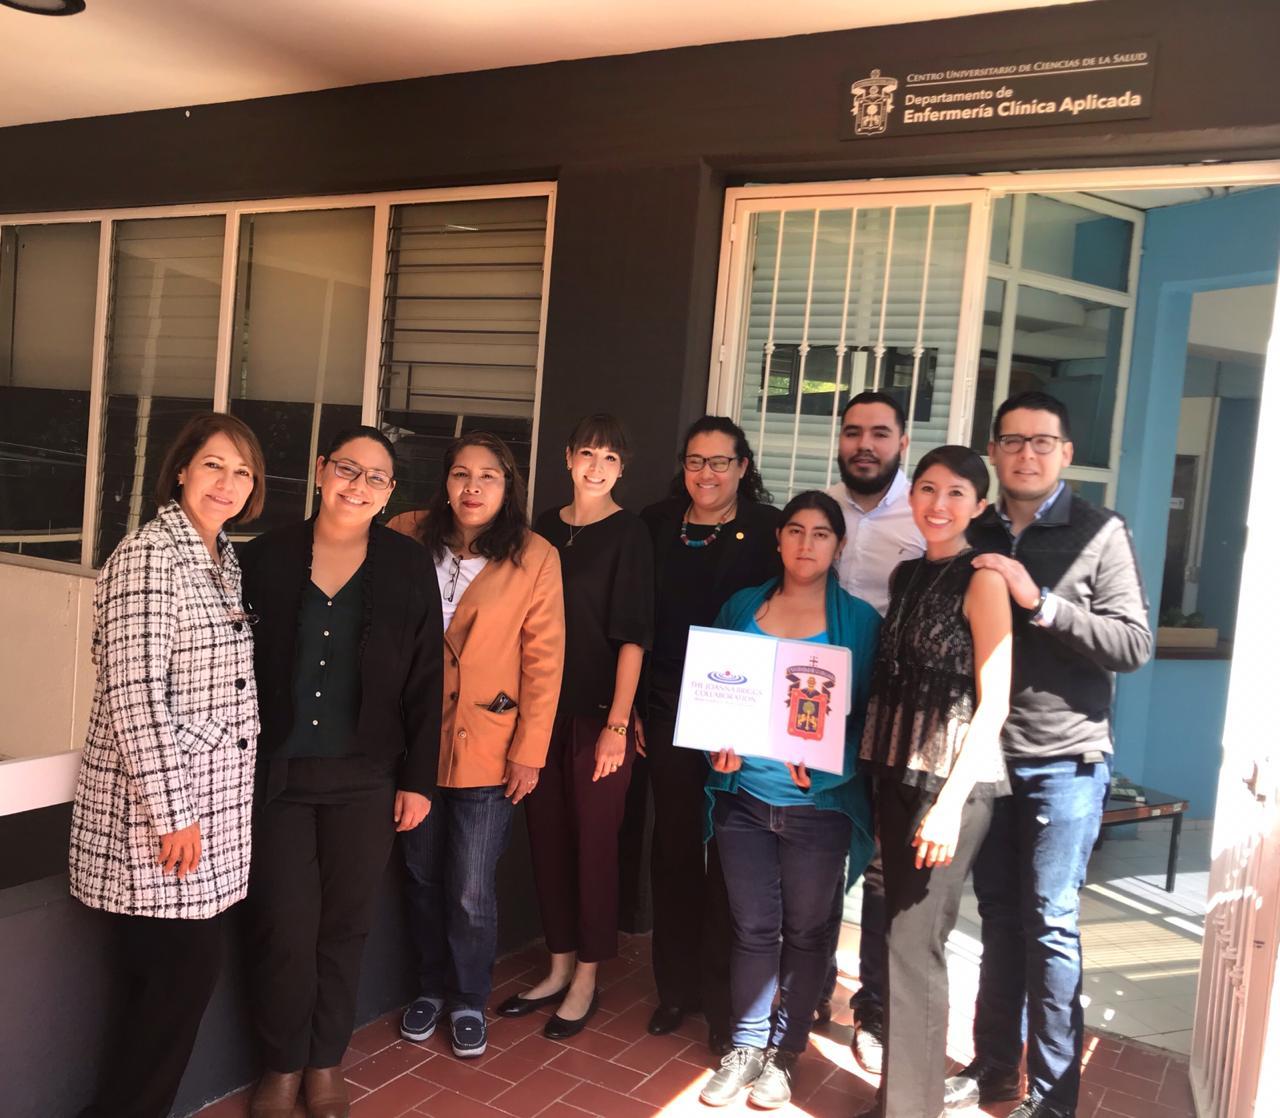 Foto grupal a las afueras del Departamento de Enfermería Aplicada